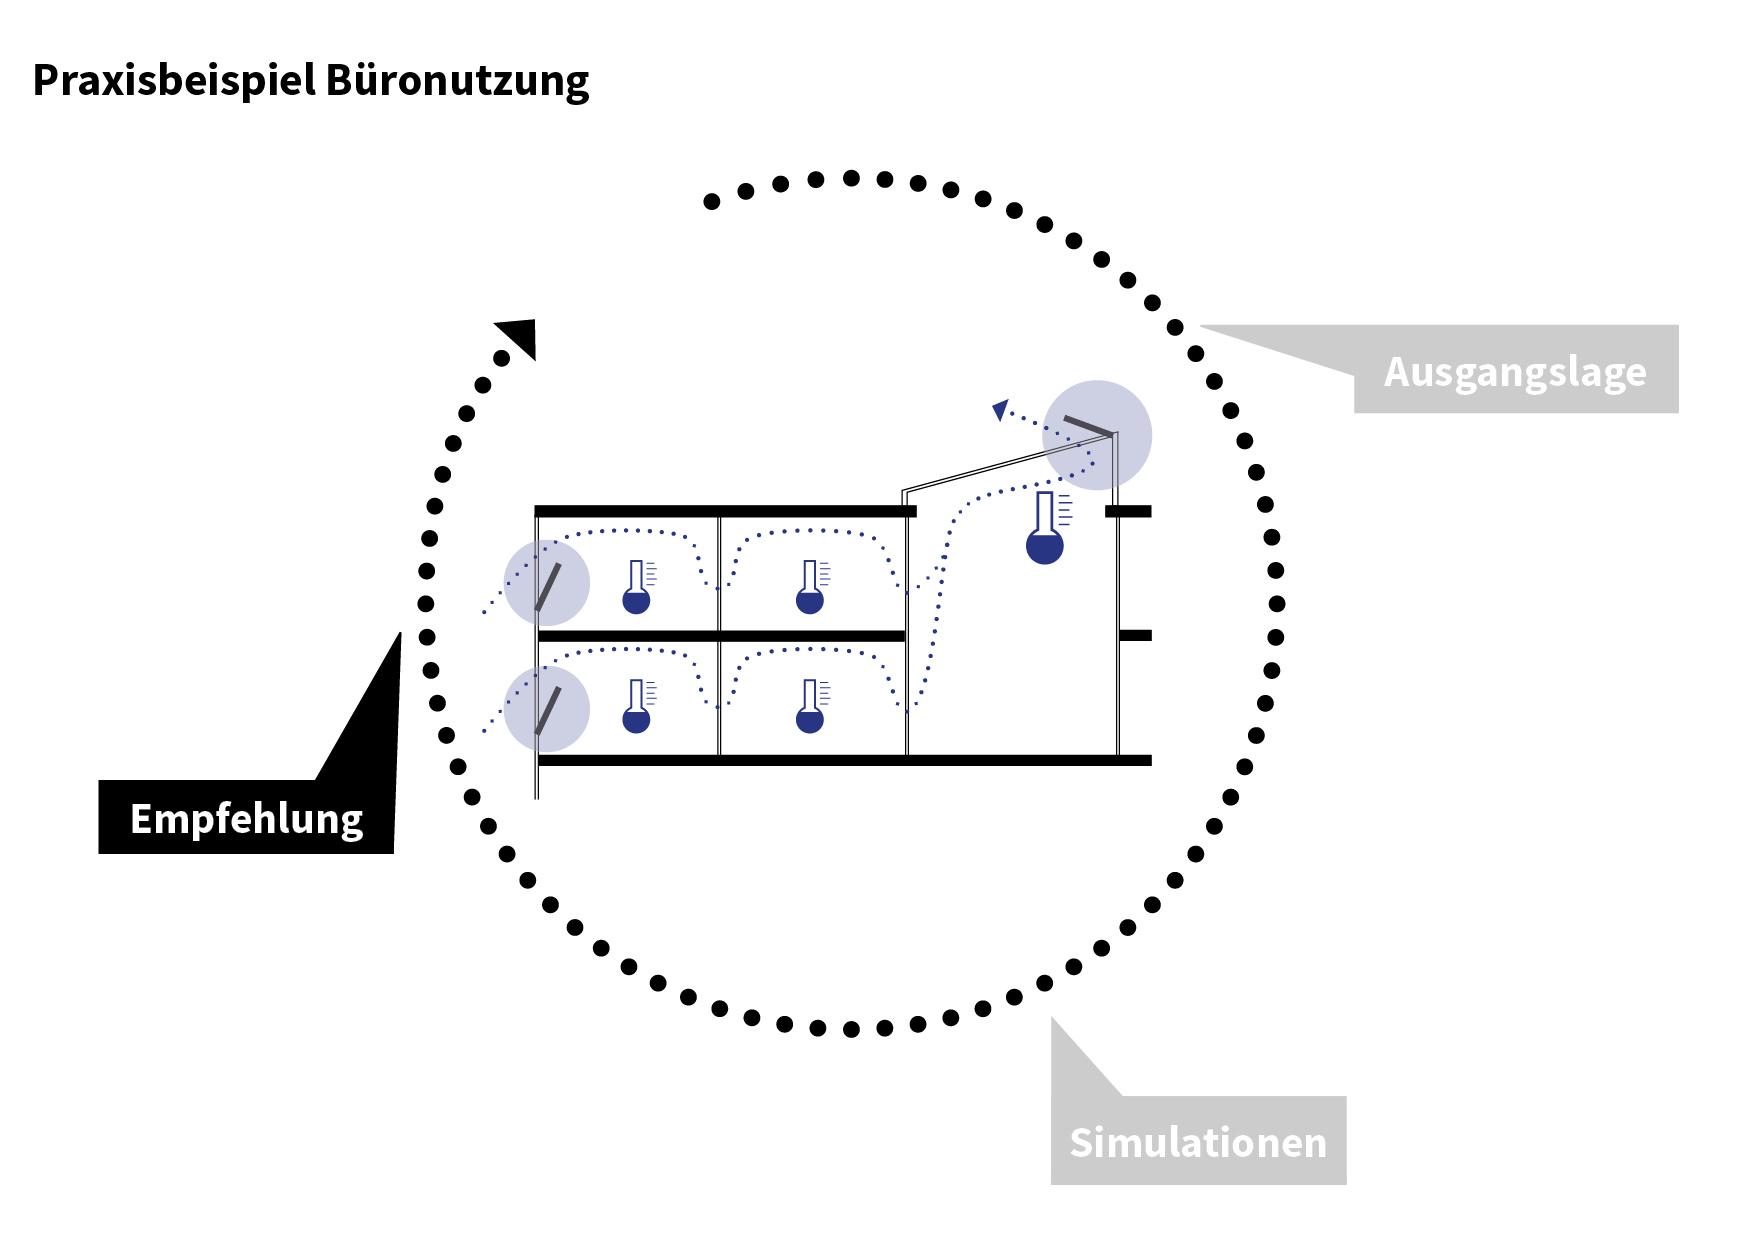 Praxisbeispiel_CKW_Reussbühl_Phase3.jpg